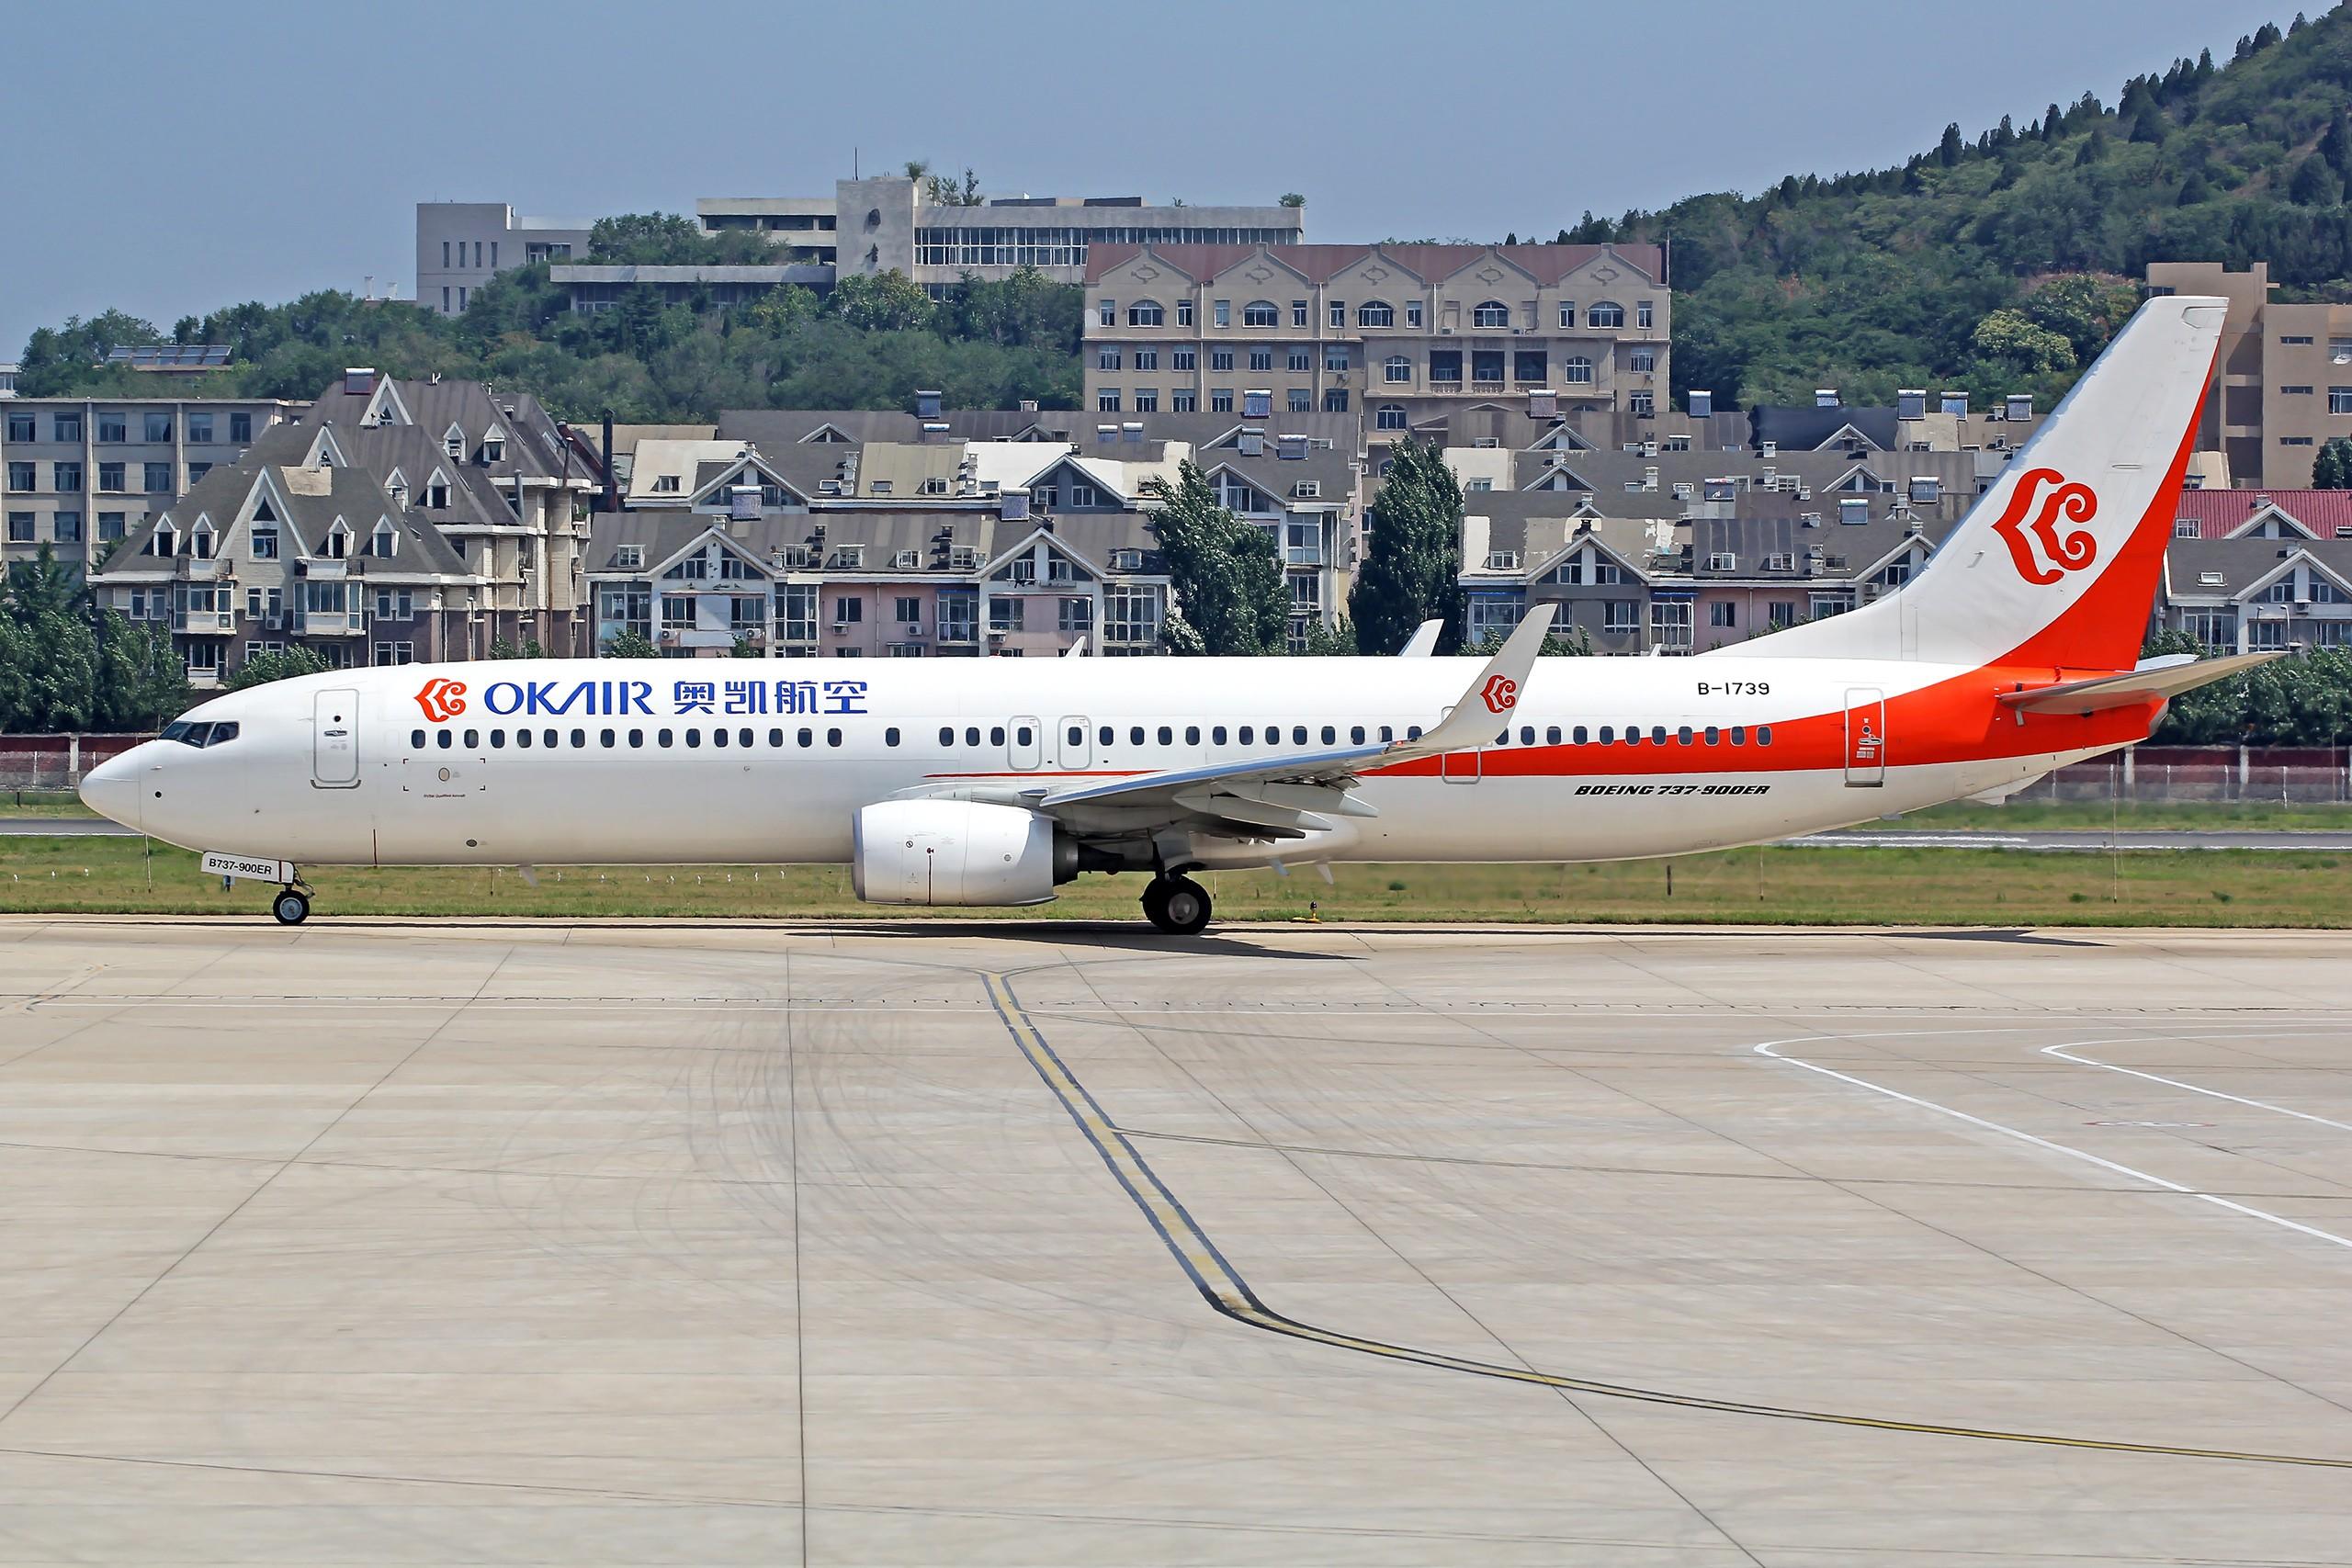 Re:[原创][DLC]。。。无标题。。。{2560x1707}Pix BOEING 737-900ER B-1739 中国大连周水子国际机场